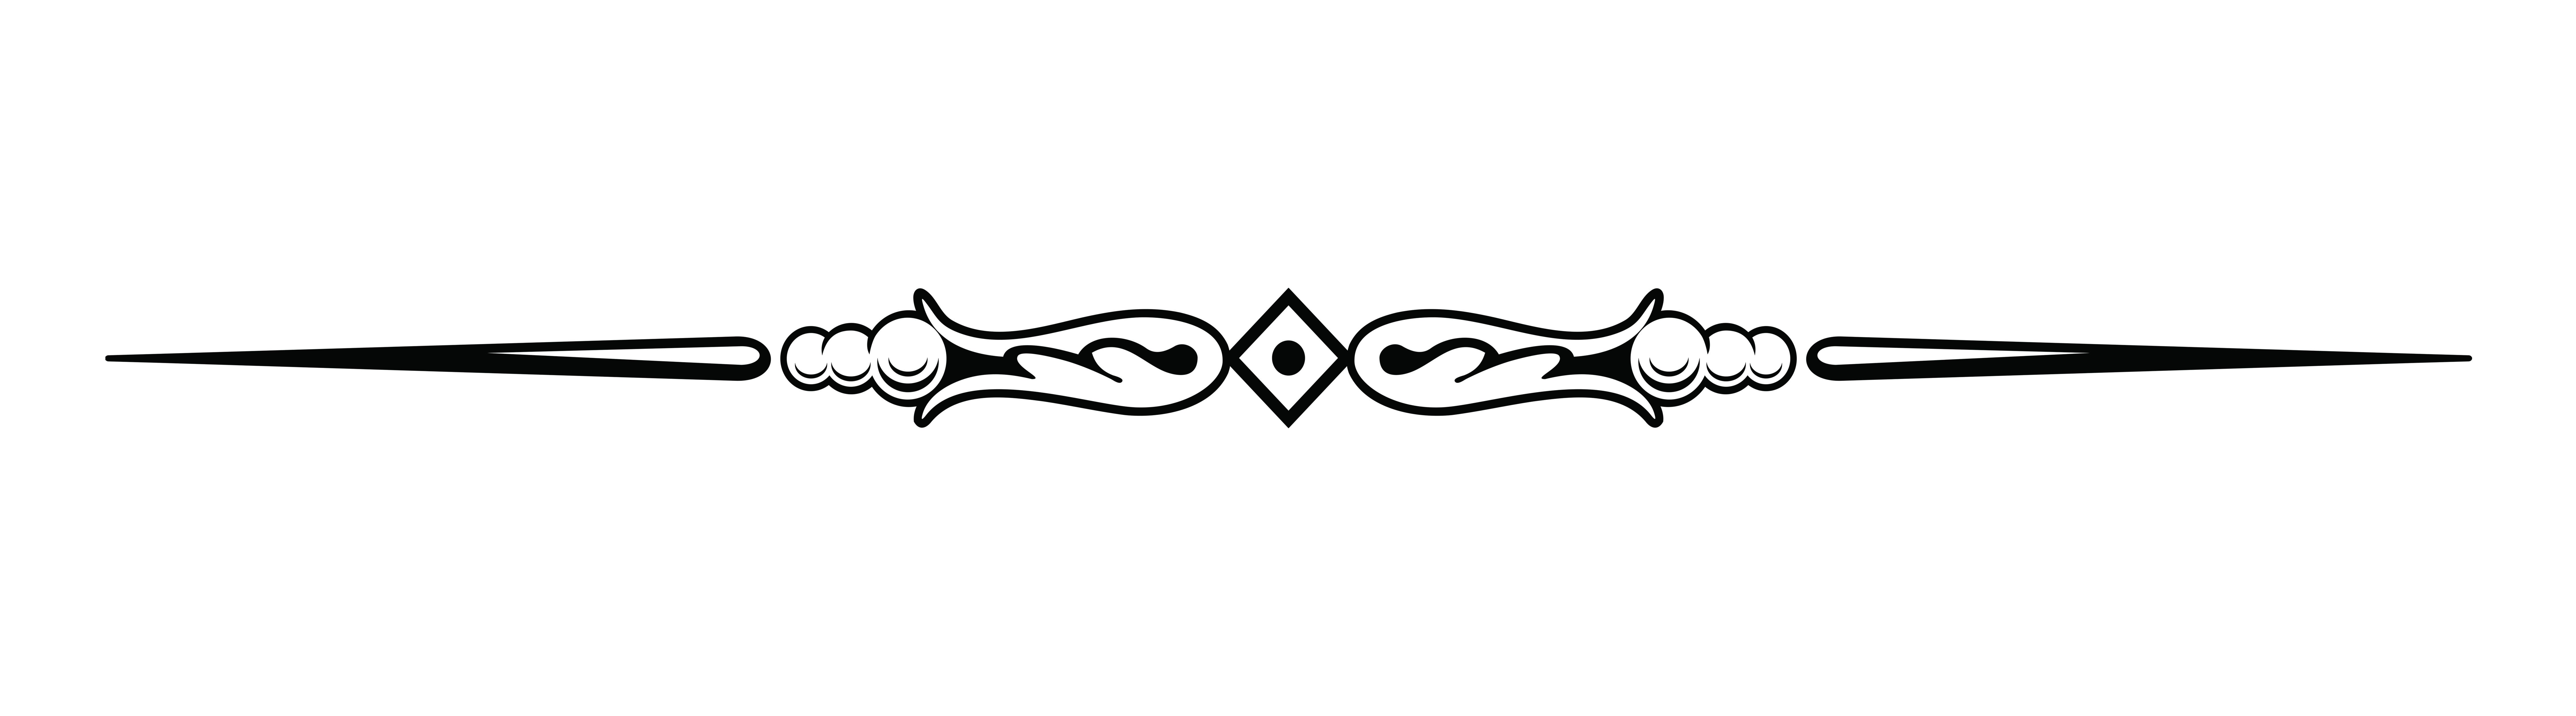 Black Line Divider Clipart